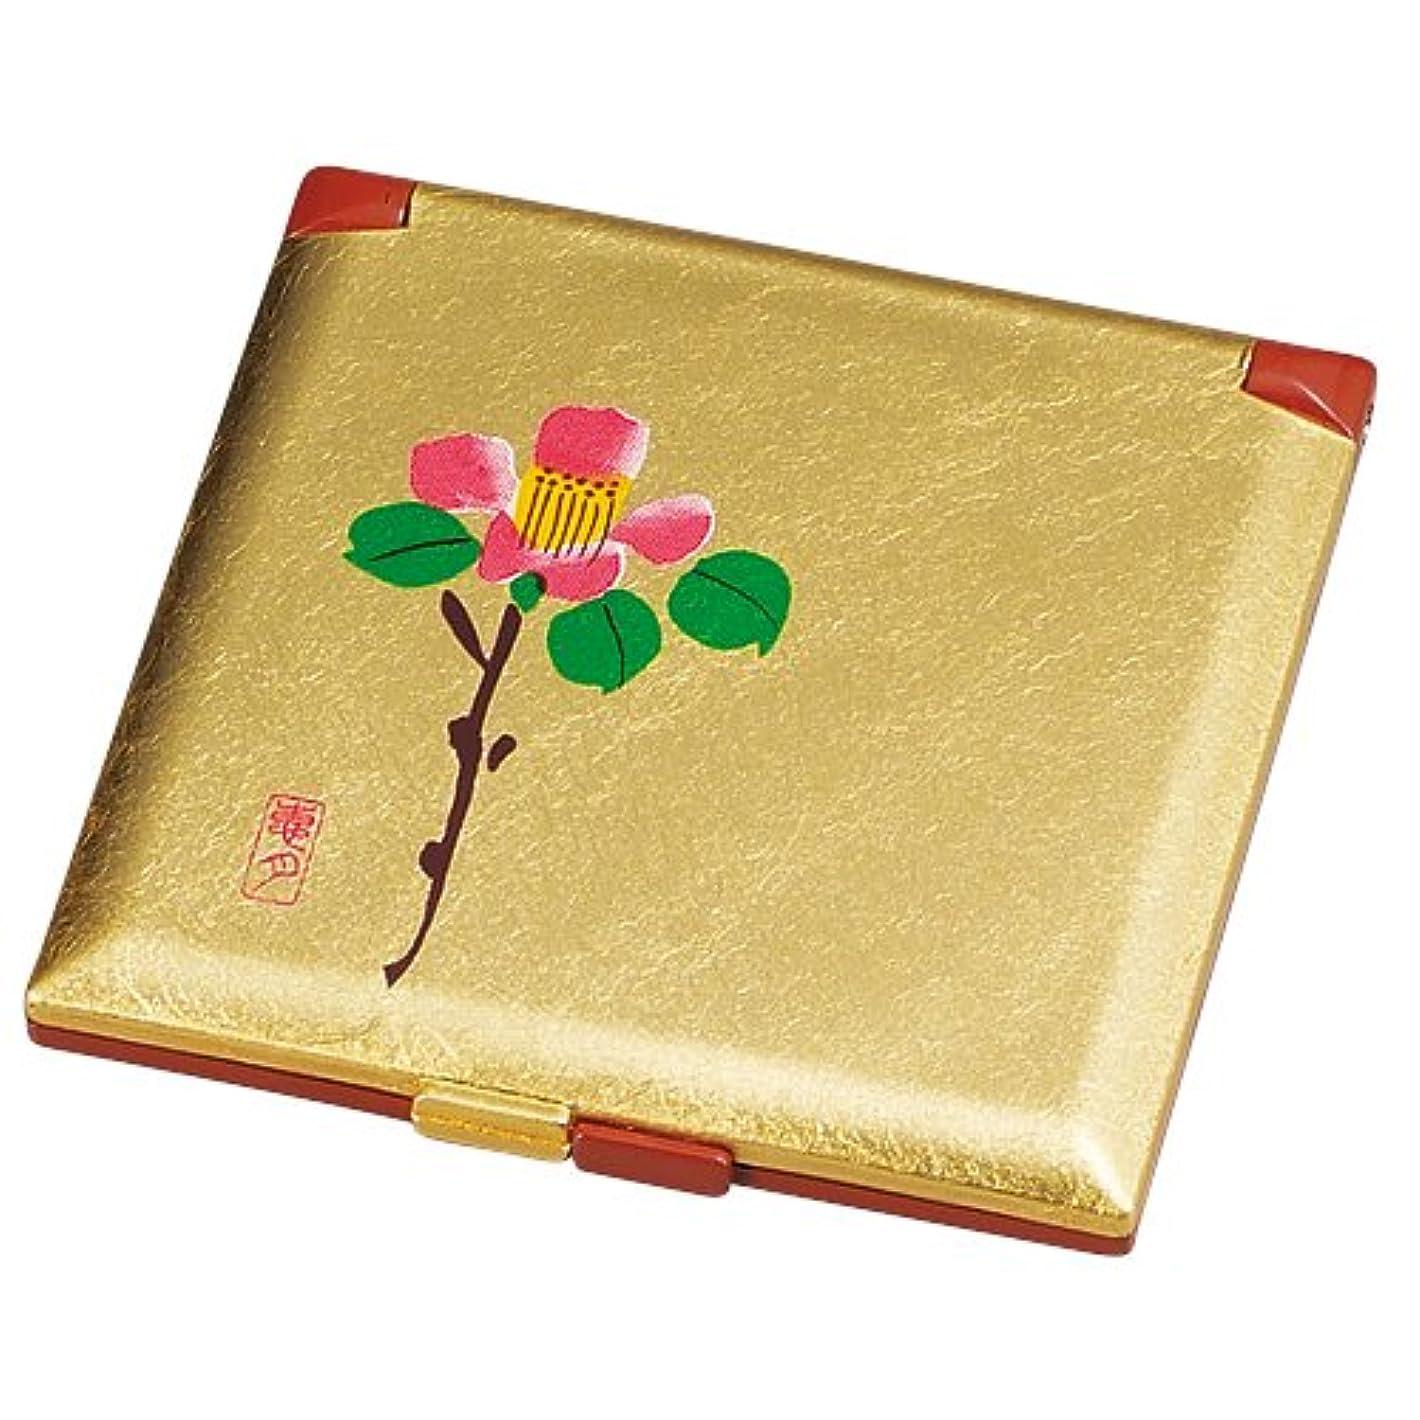 失礼ないじめっ子寛容中谷兄弟商会 山中漆器 コンパクトミラー 金箔 花つばき33-0414